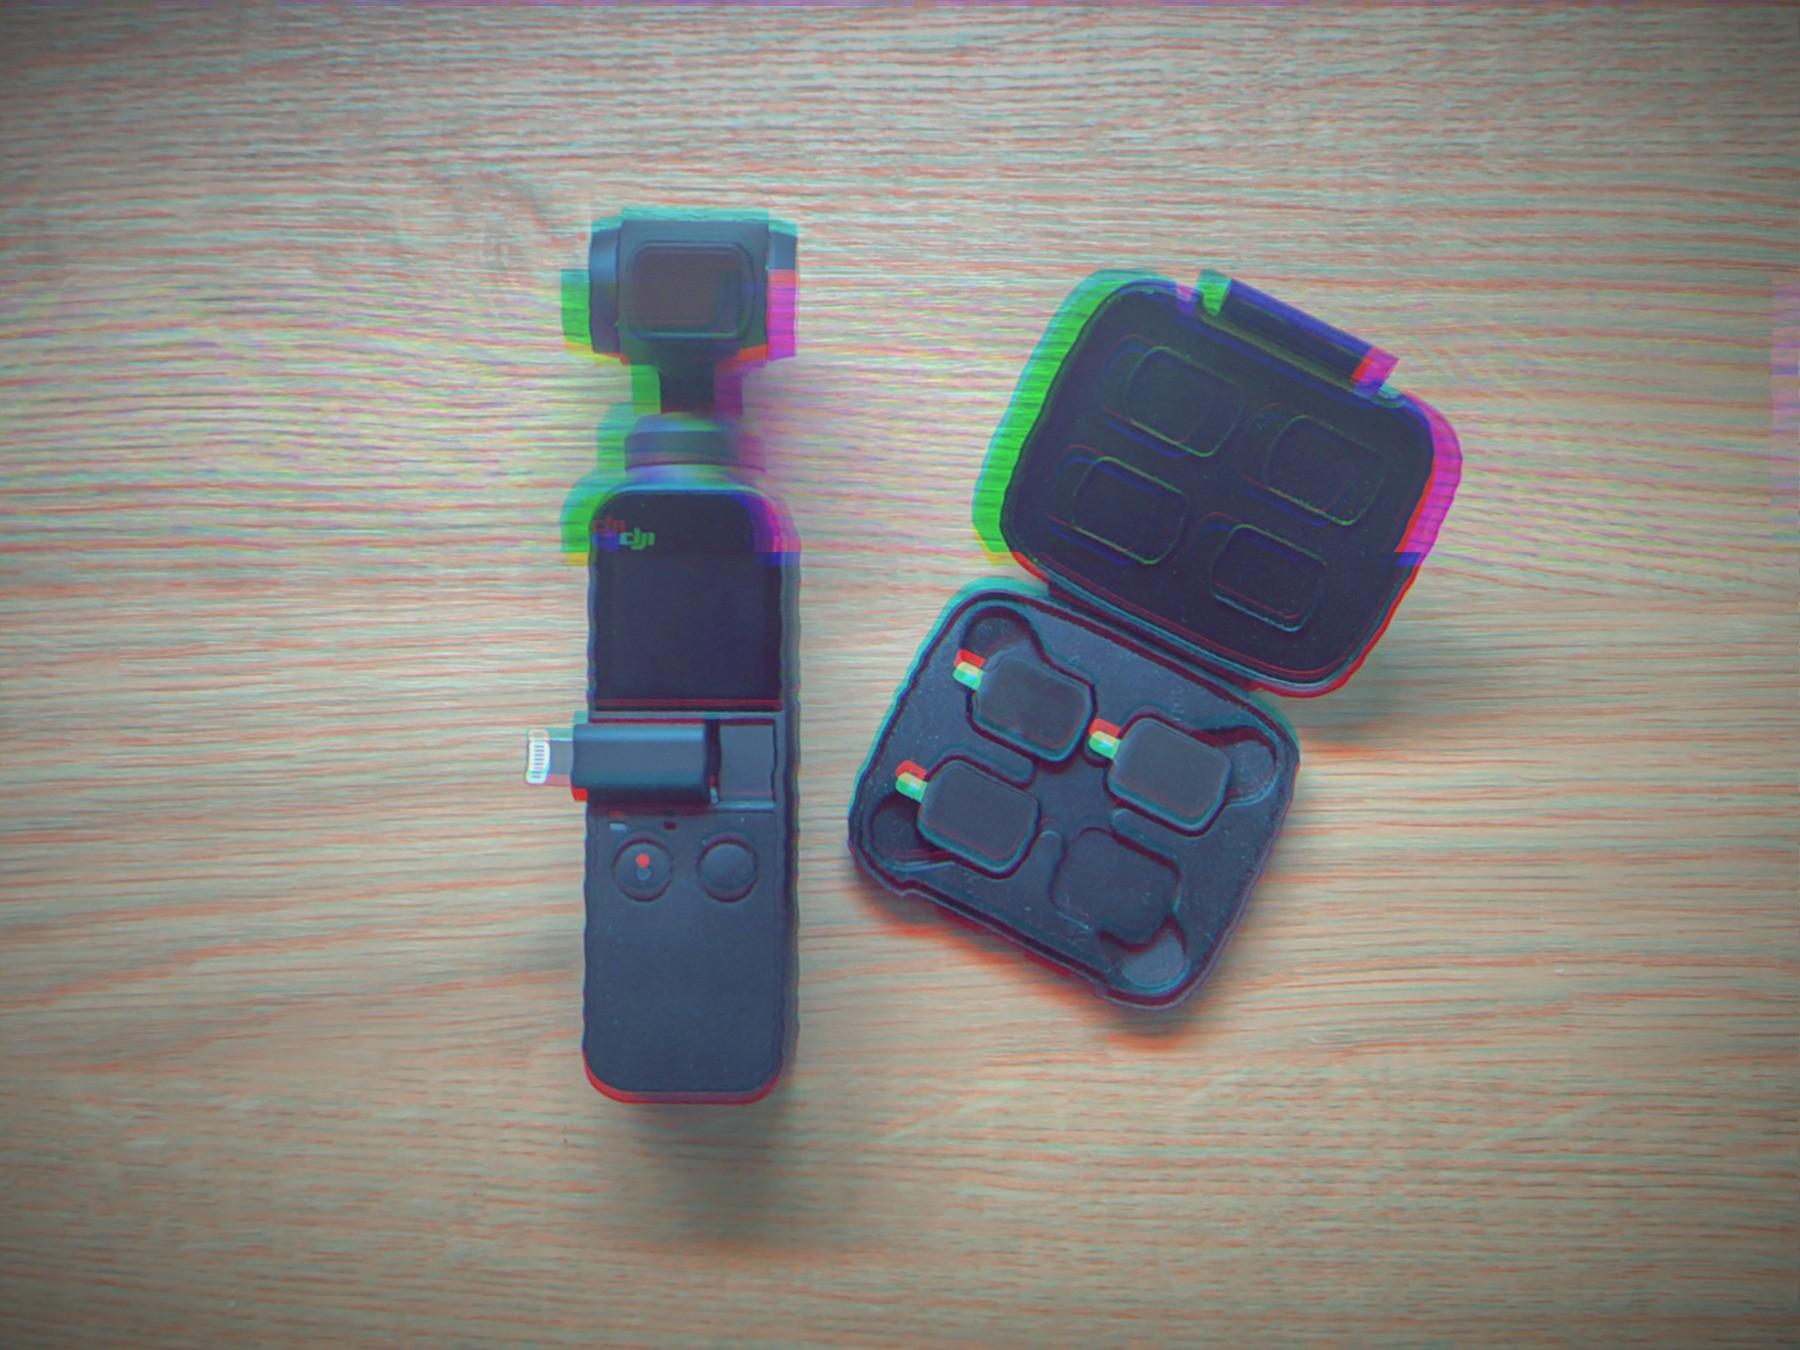 ND filtre til DJI Osmo Pocket